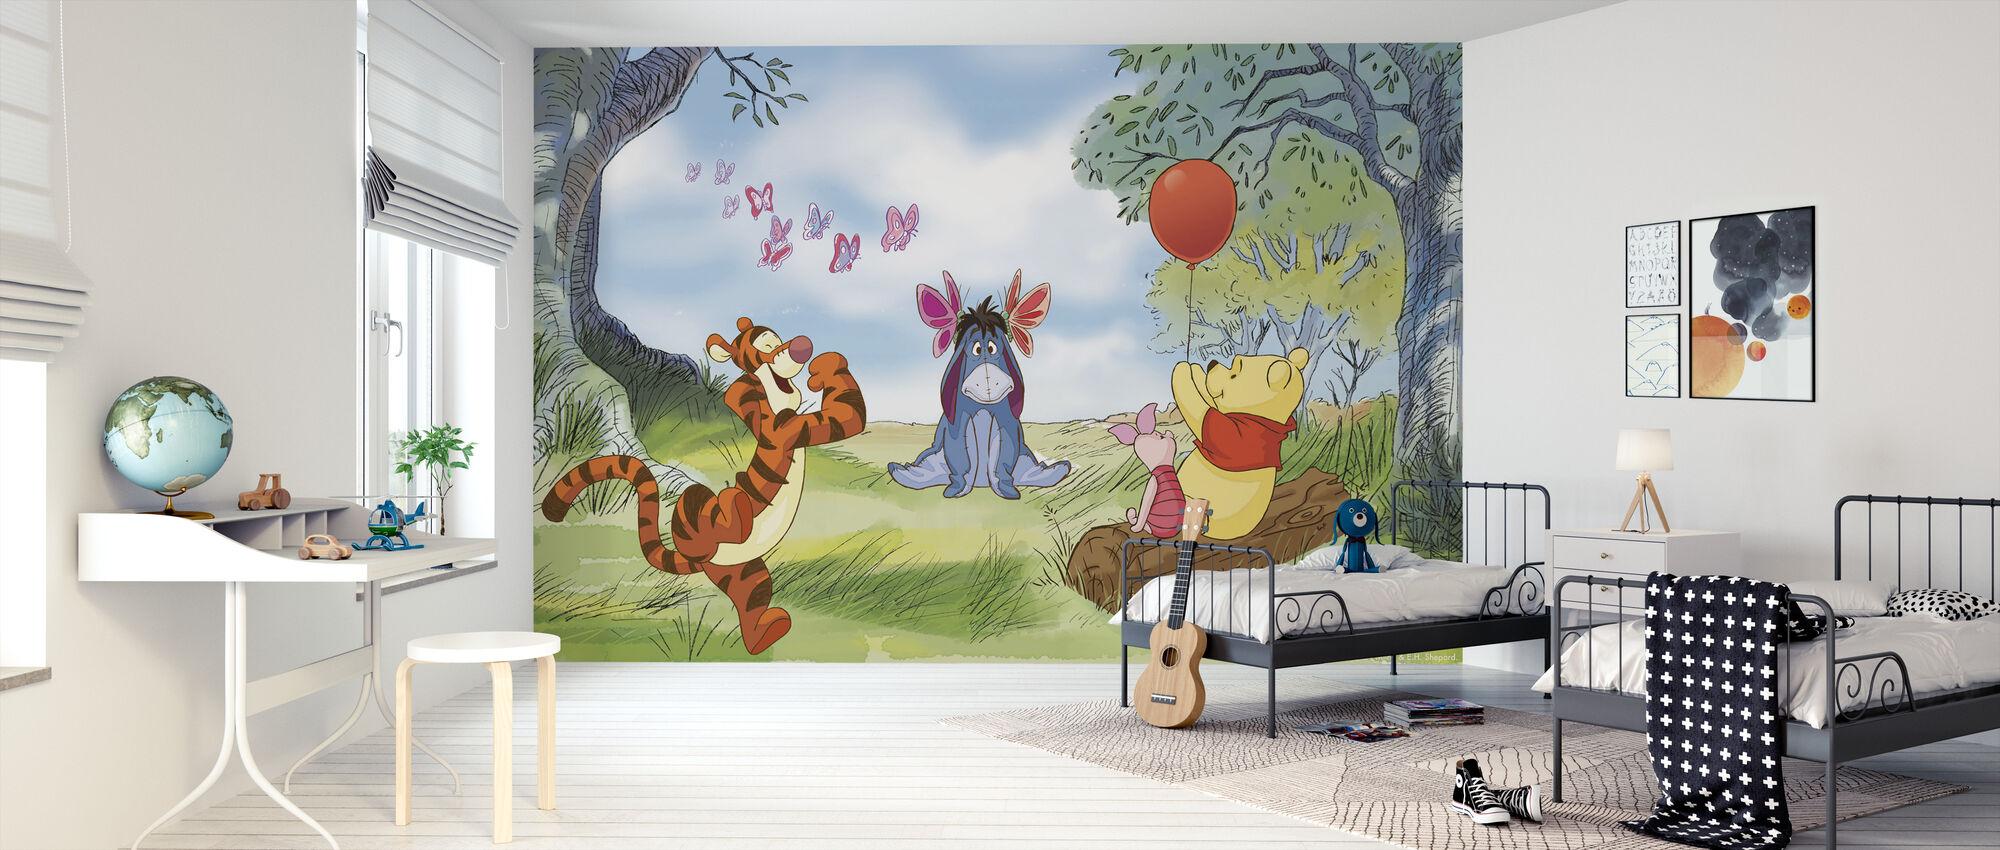 Nalle Puh - Perhoset - Tapetti - Lastenhuone